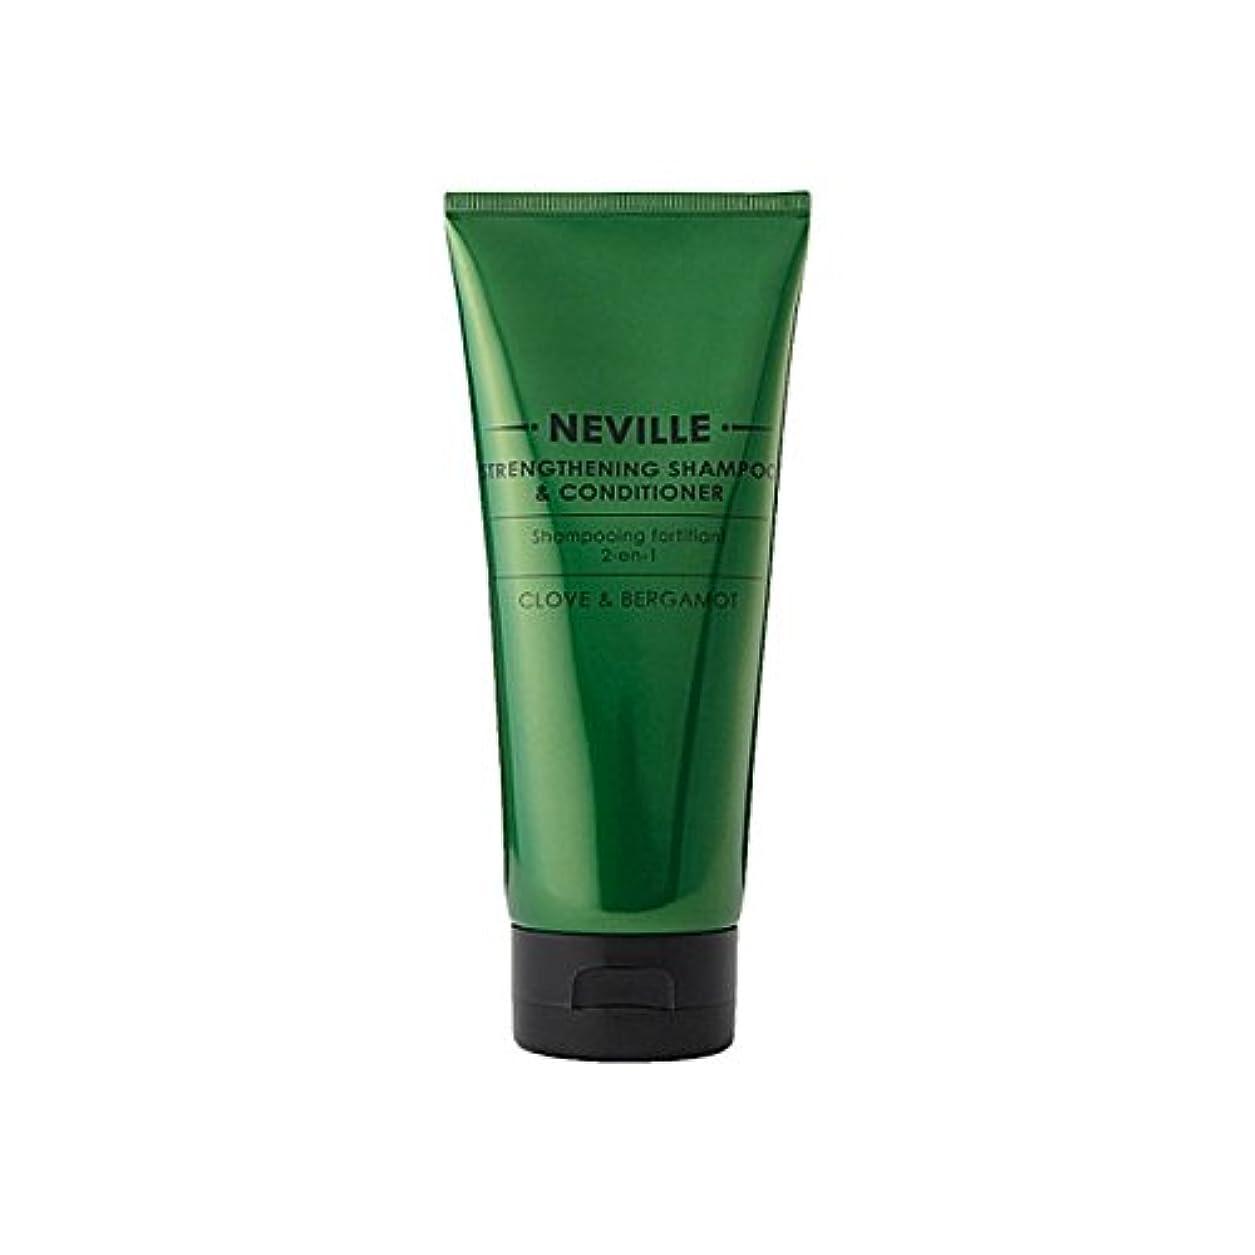 吸収剤ずらす舌ネビル2--1強化シャンプー及びコンディショナー200 x4 - Neville 2-In-1 Strengthening Shampoo And Conditioner 200ml (Pack of 4) [並行輸入品]